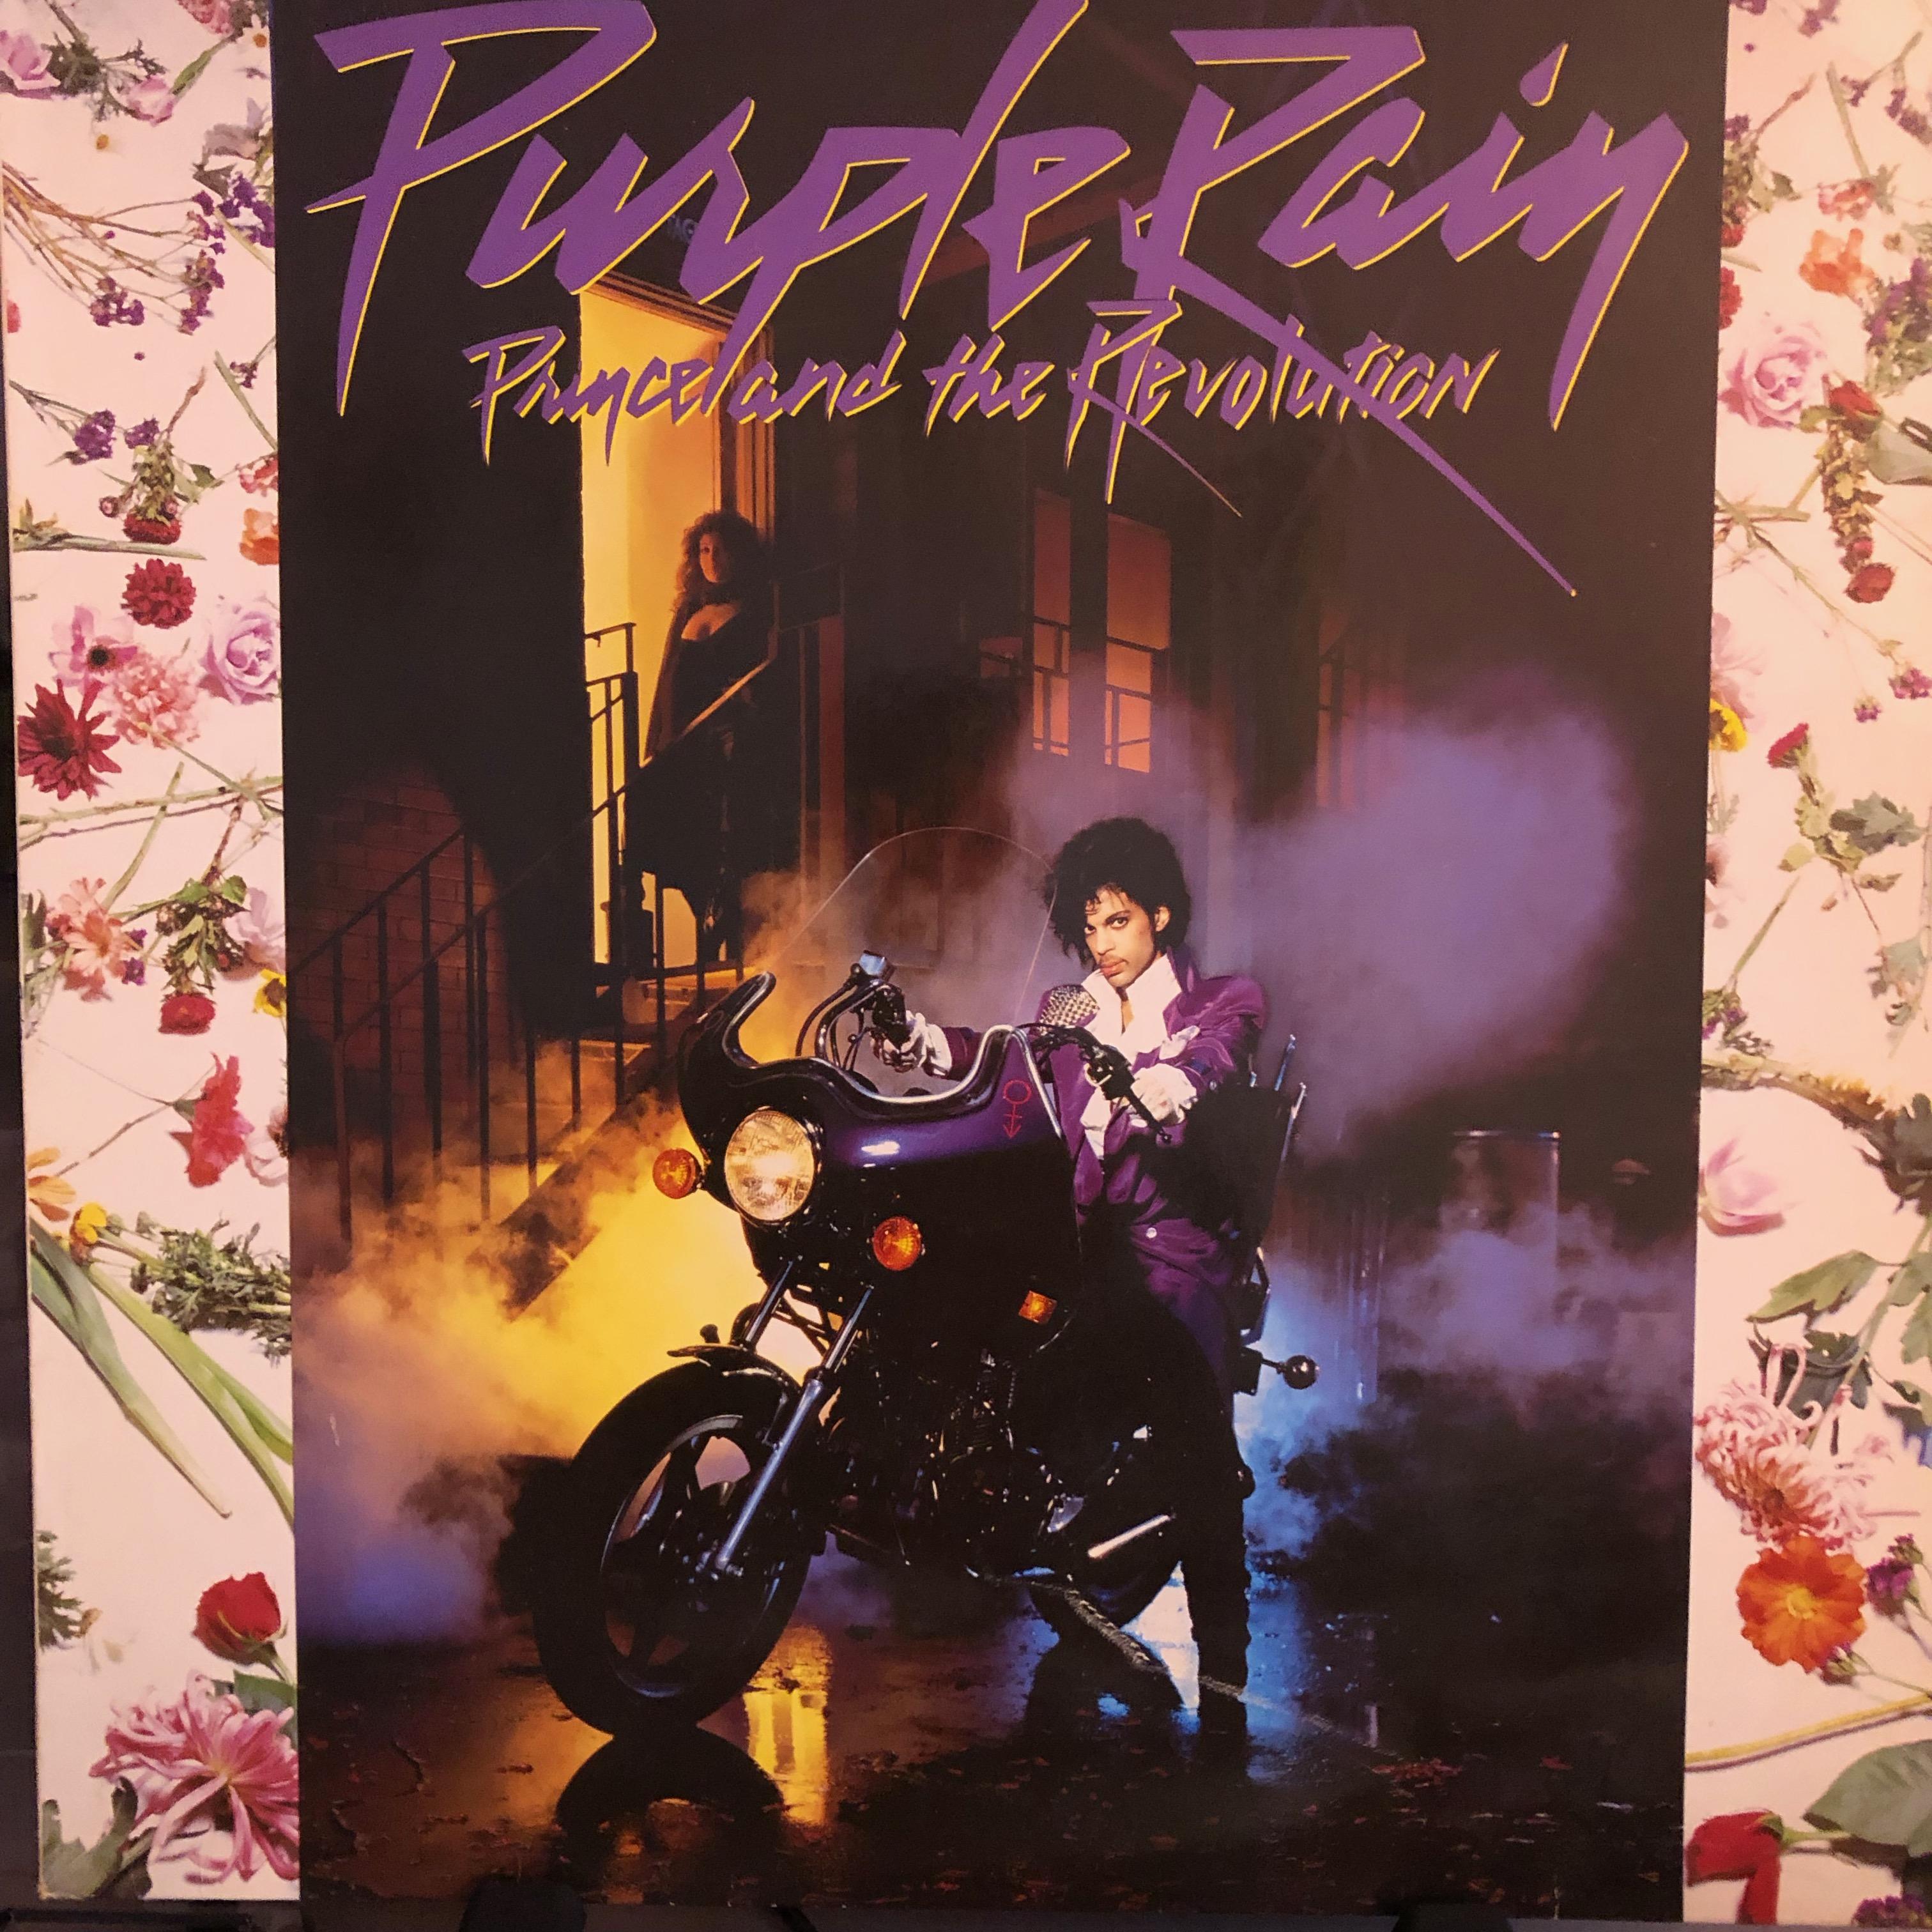 Prince - Purple Rain - Front Cover